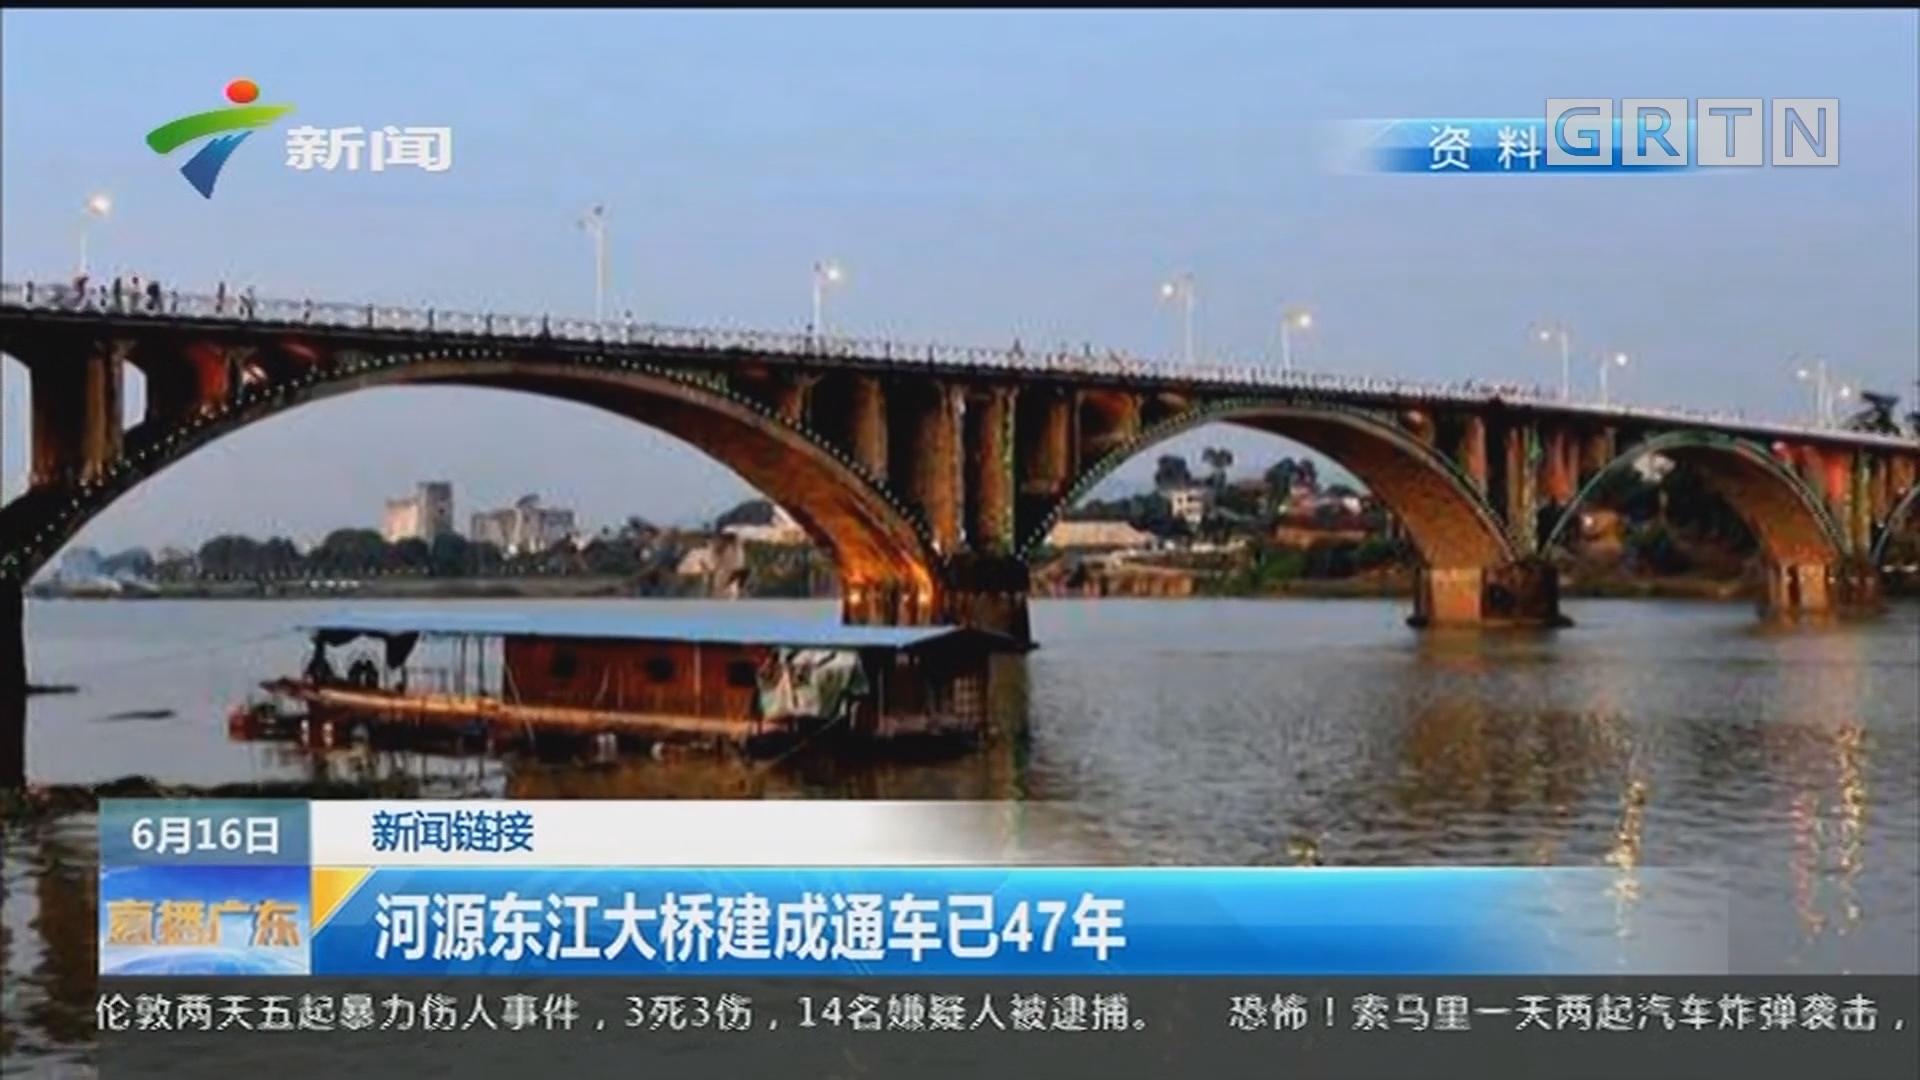 新闻链接:河源东江大桥建成通车已47年